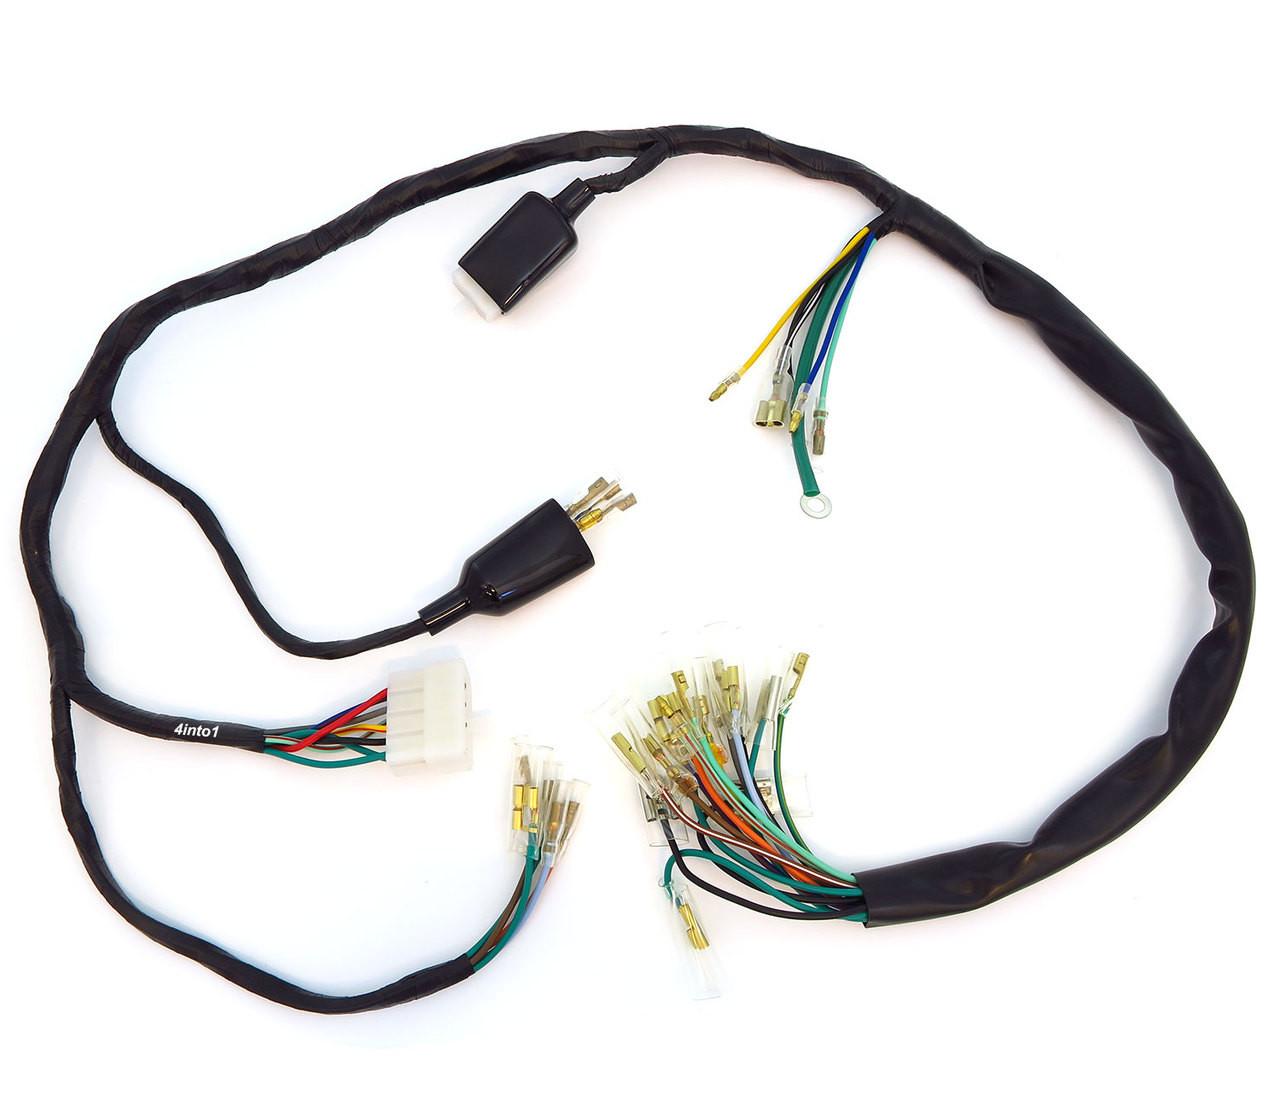 main wiring harness 32100 323 040 honda cb500k 1972 1973 honda wiring harness connectors honda wiring harness [ 1280 x 1113 Pixel ]